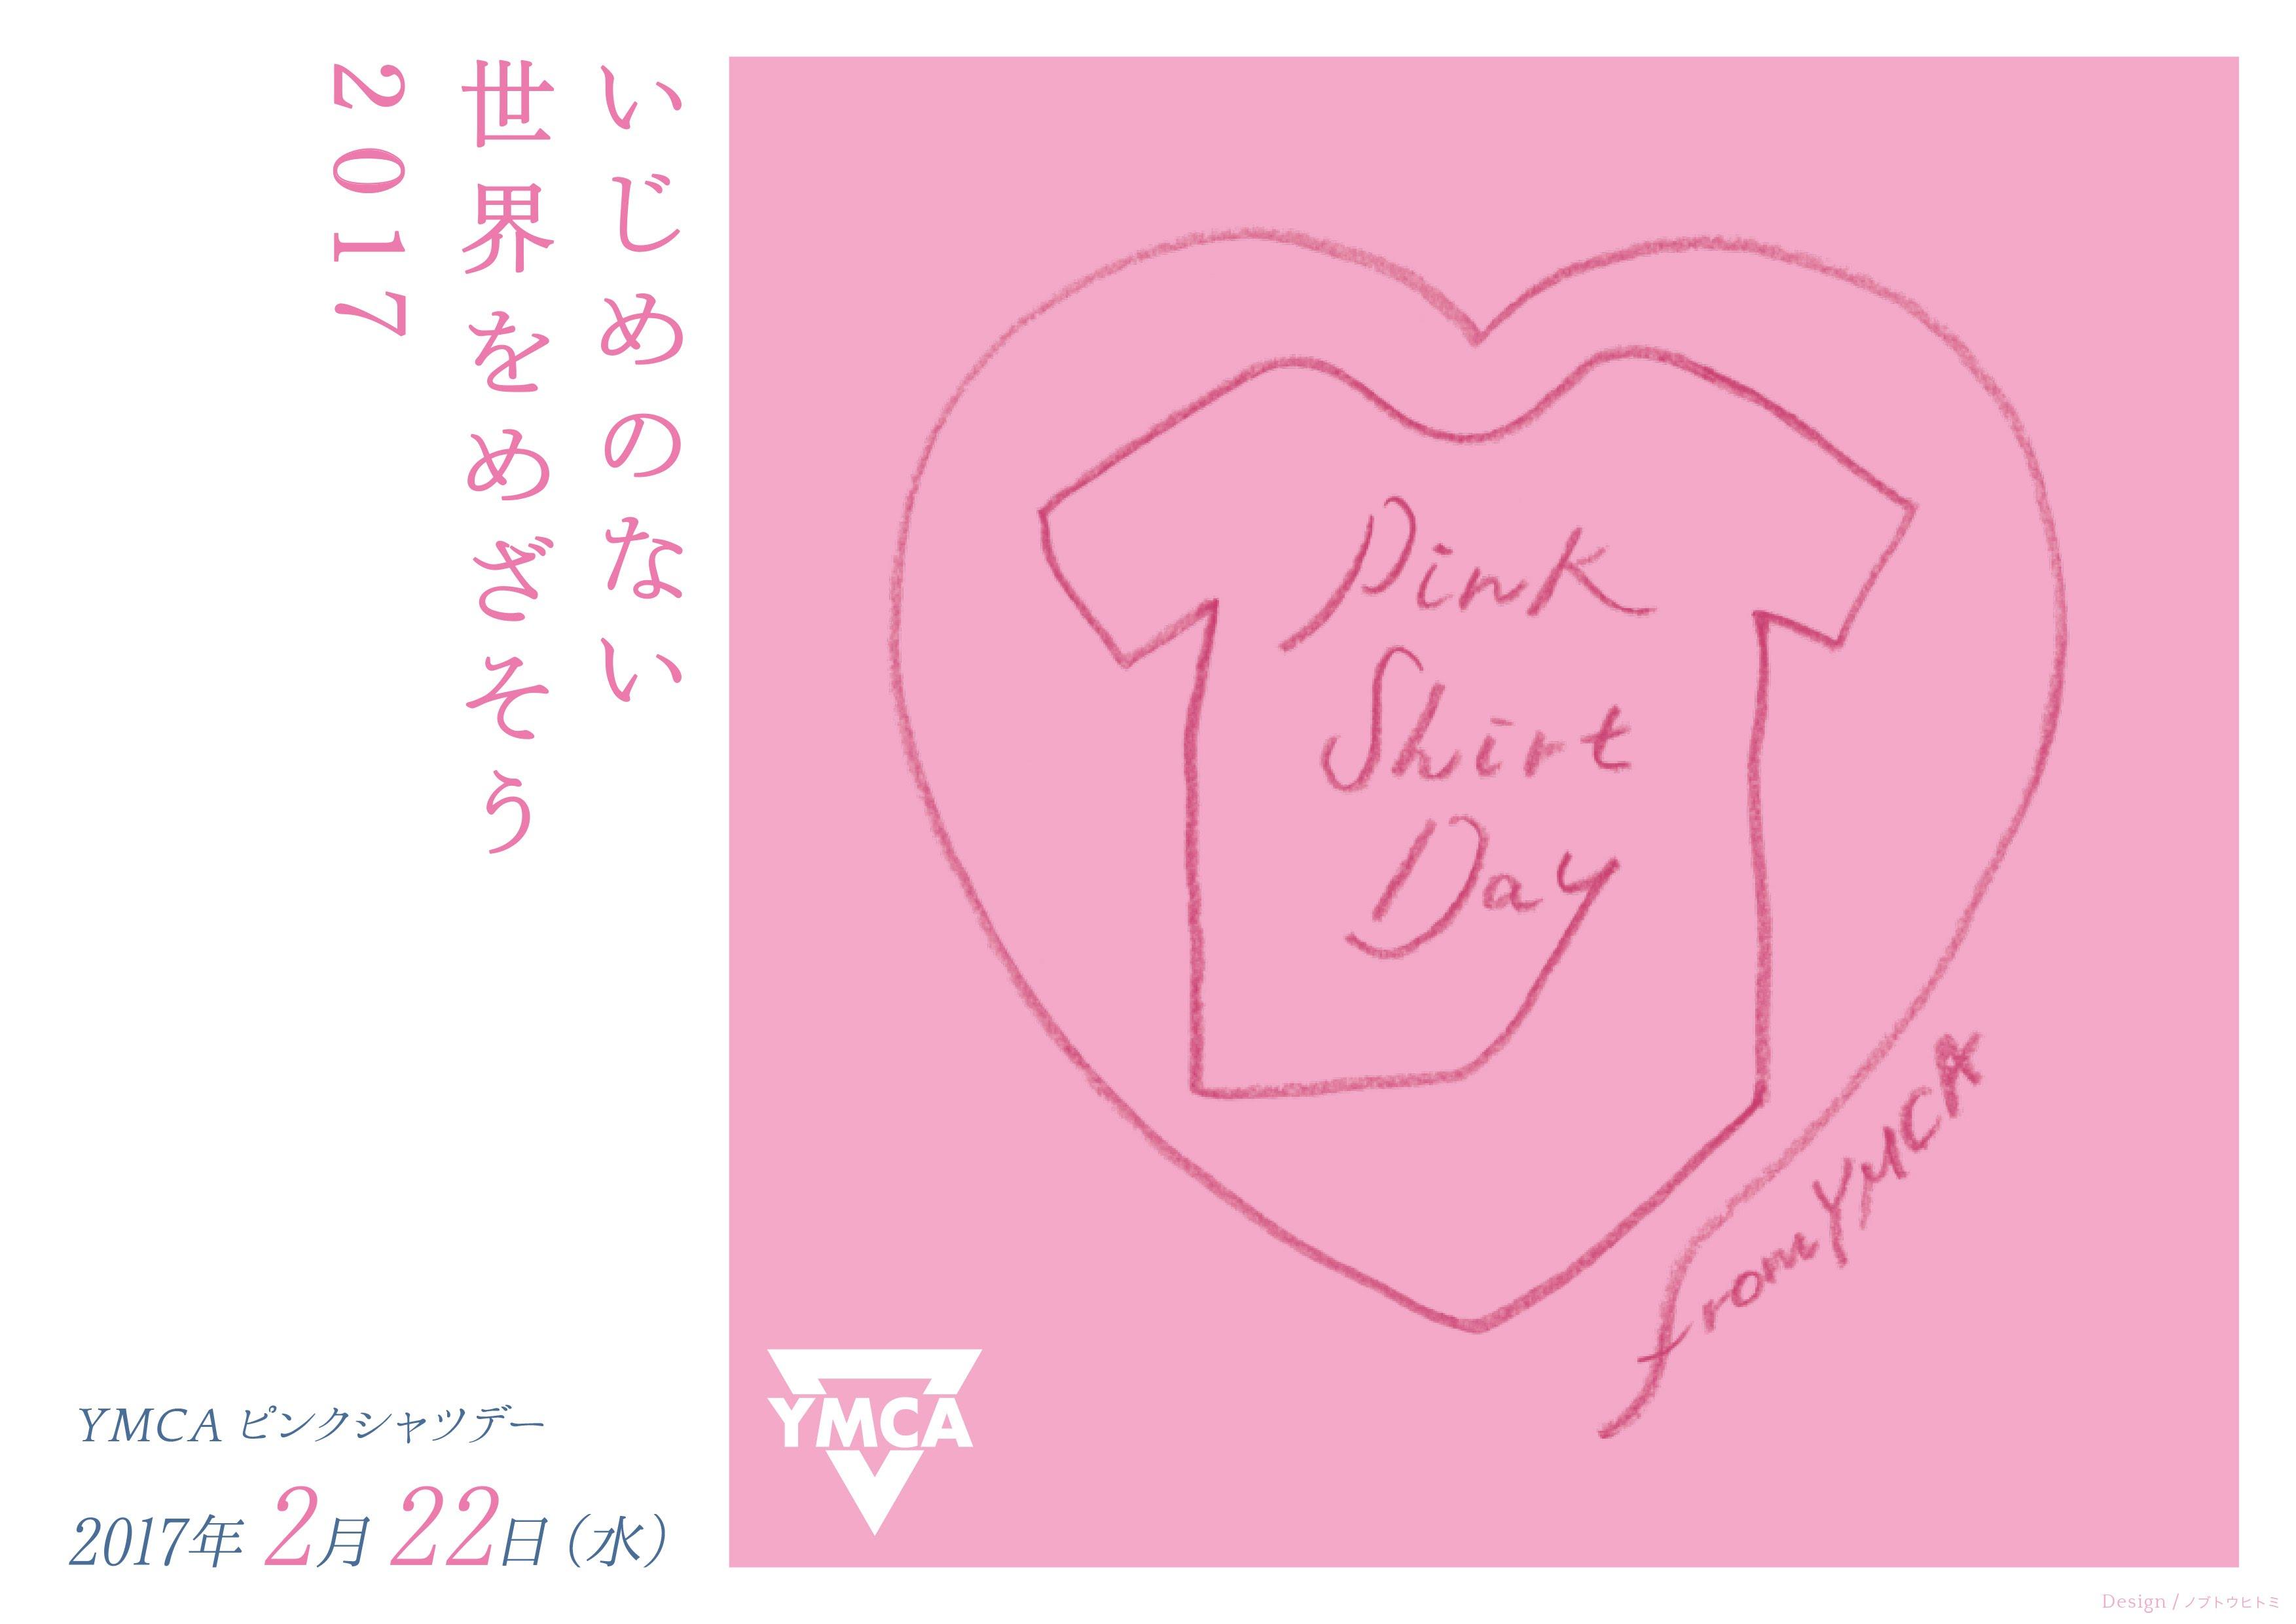 ピンクシャツデイ☆